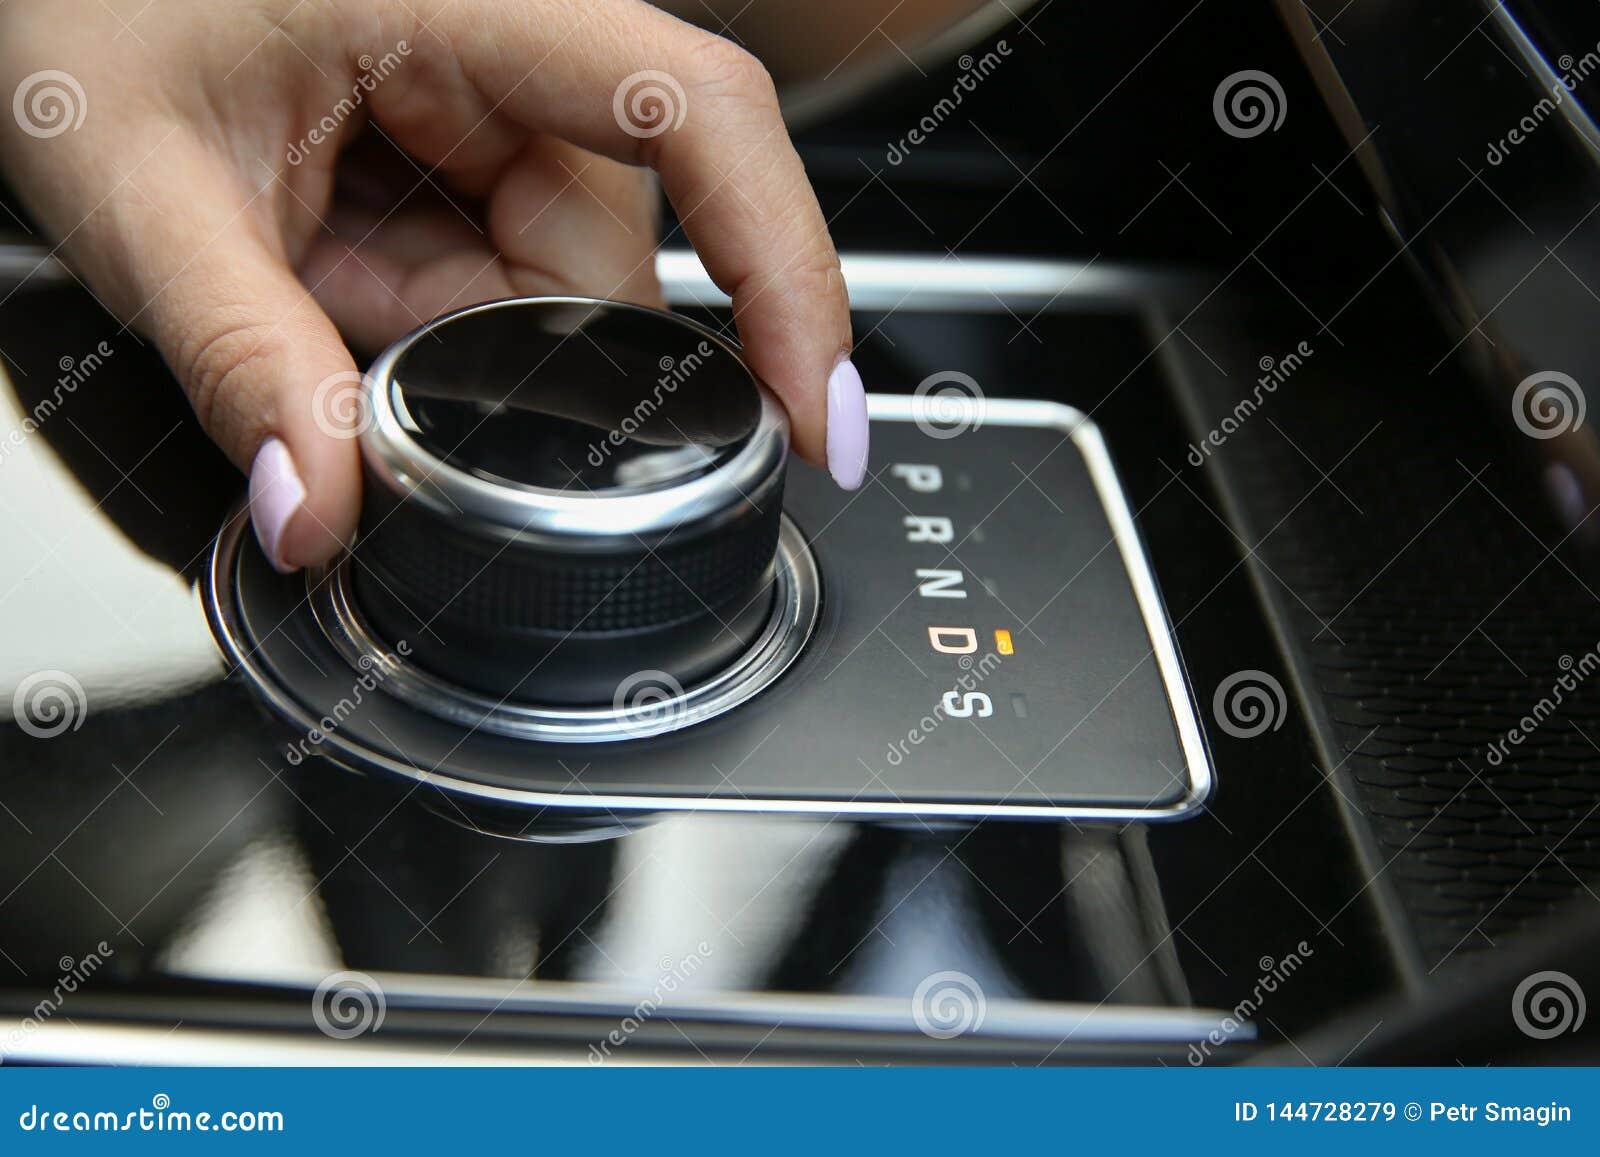 Kvinnors hand inkluderar ett drevfunktionsläge på närbilden för den automatiska överföringen